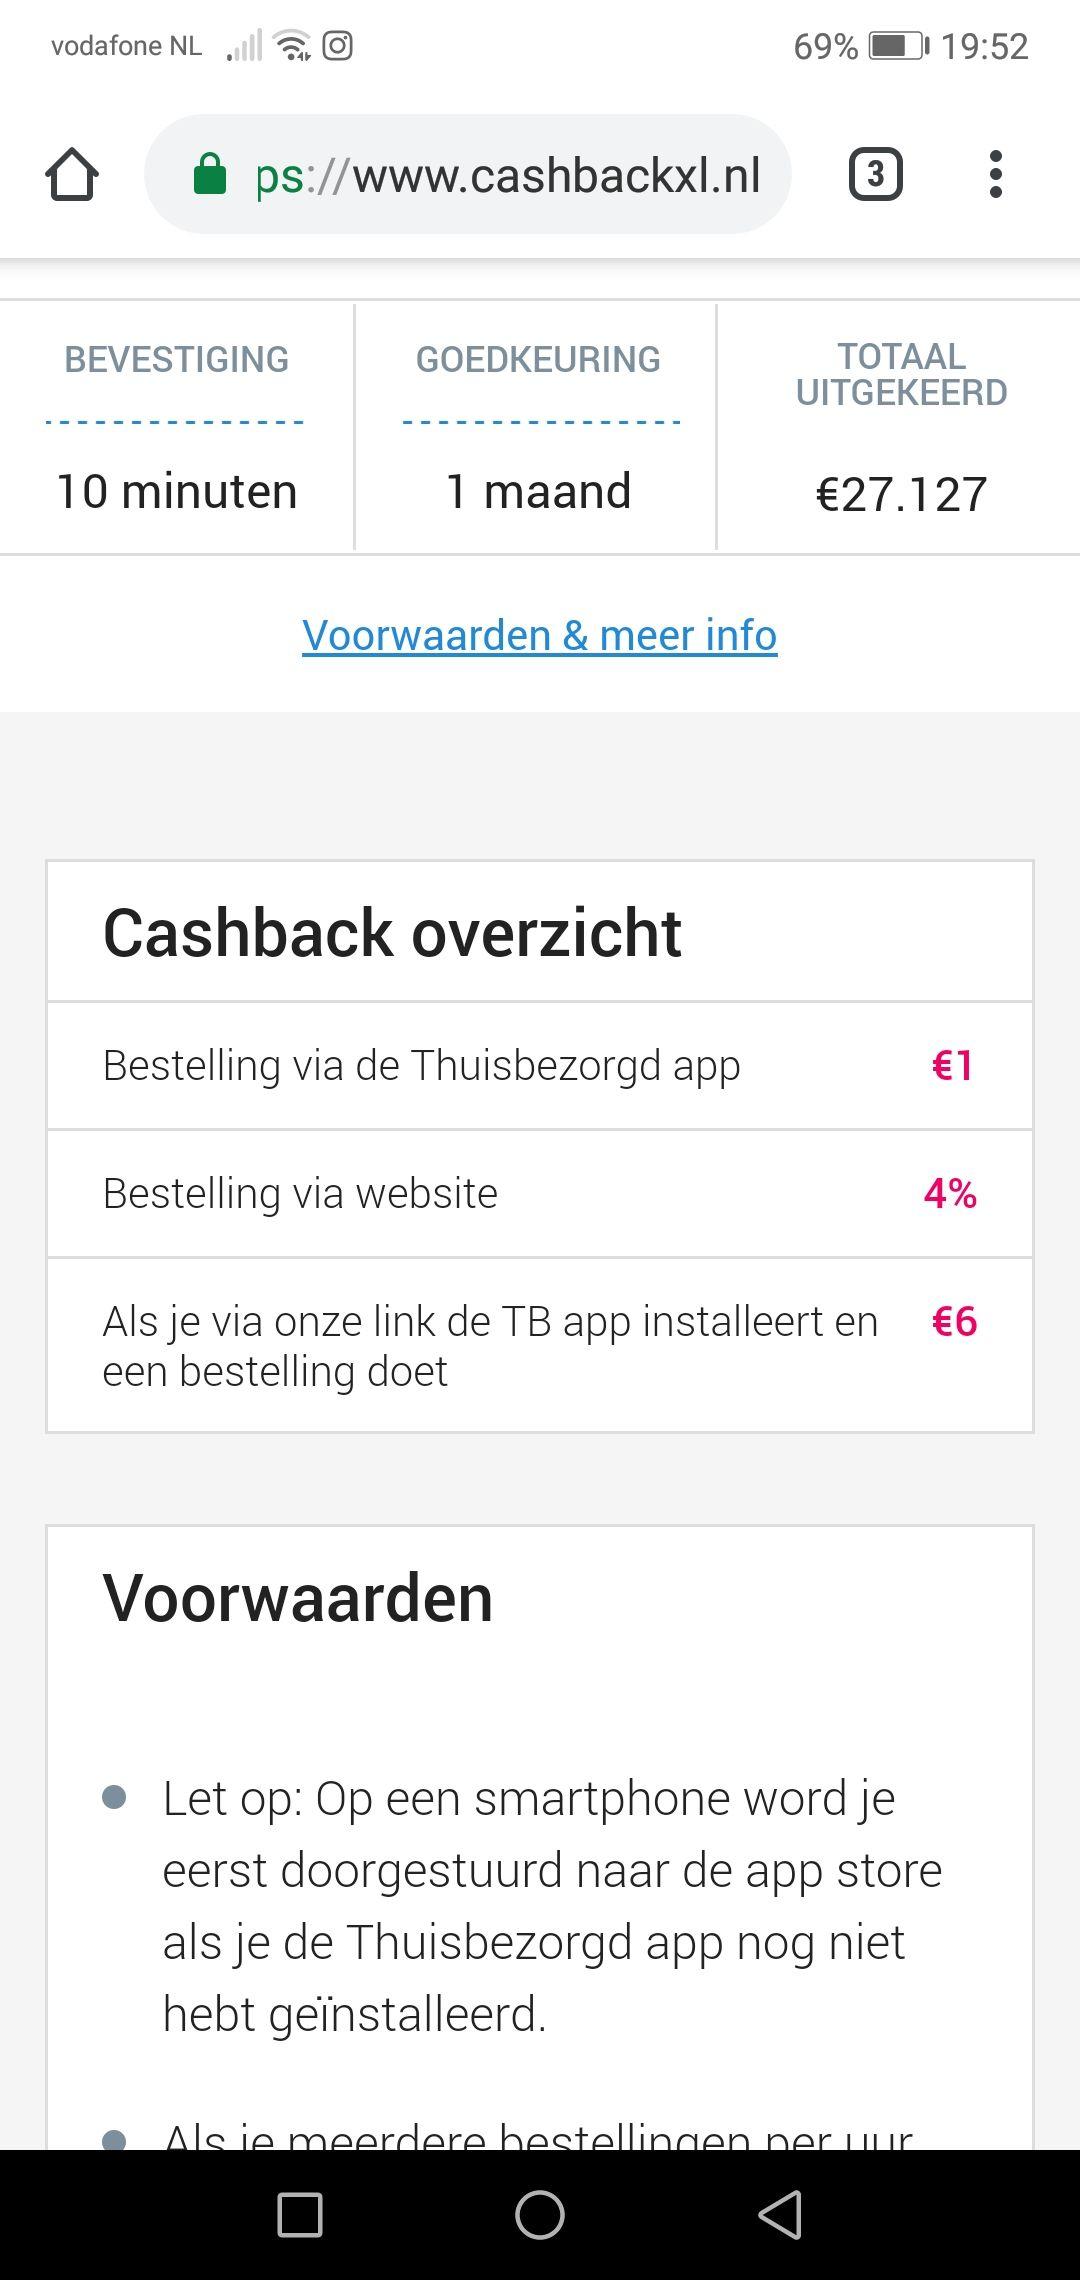 6 euro cashback bij installeren + bestelling Thuisbezorgd app